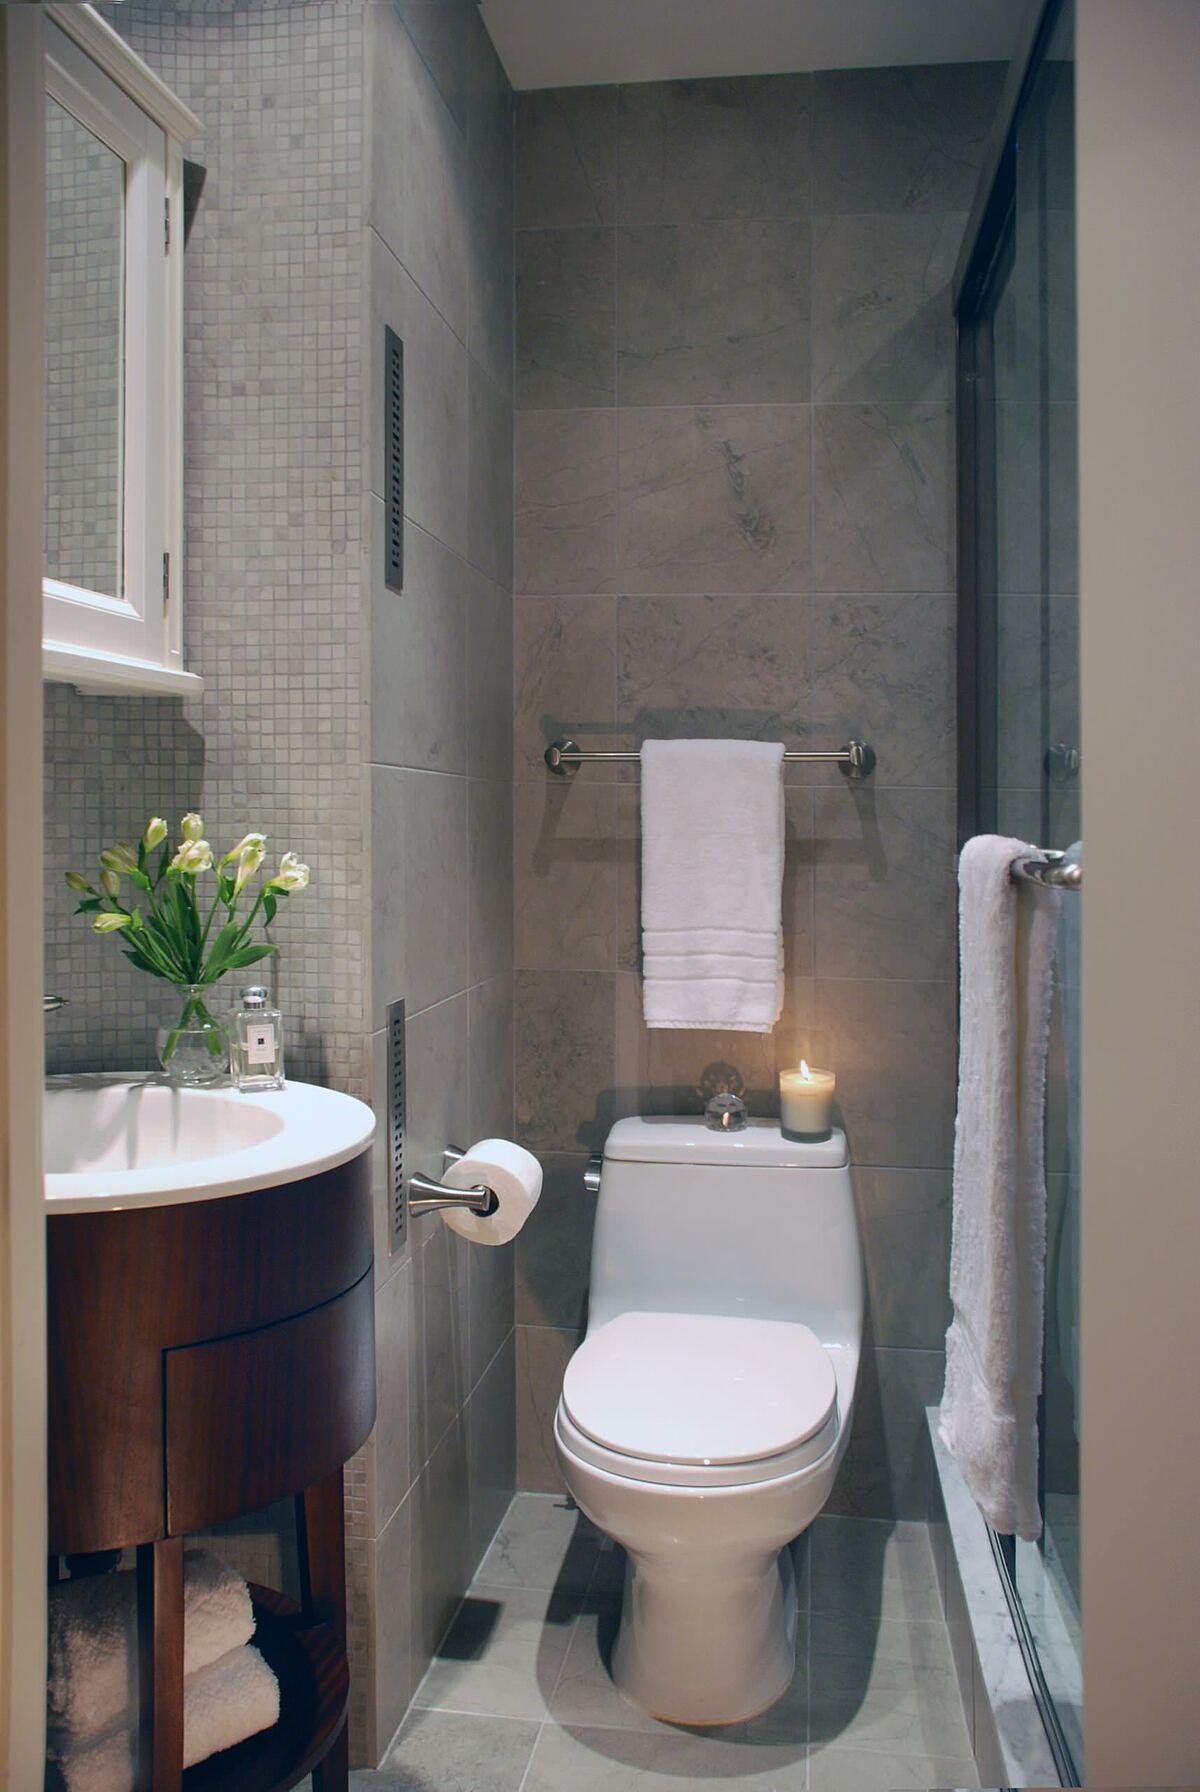 Dùng tủ vanity tròn: Sử dụng các thiết bị nội thấy có góc nhọn trong không gian hẹp sẽ gây nguy nhiểm cho các thành viên trong gia đình. Đo đó, chủ nhà nên chọn các loại tủ có góc bo tròn, đặc biệt là các gia đình có người già, trẻ nhỏ.